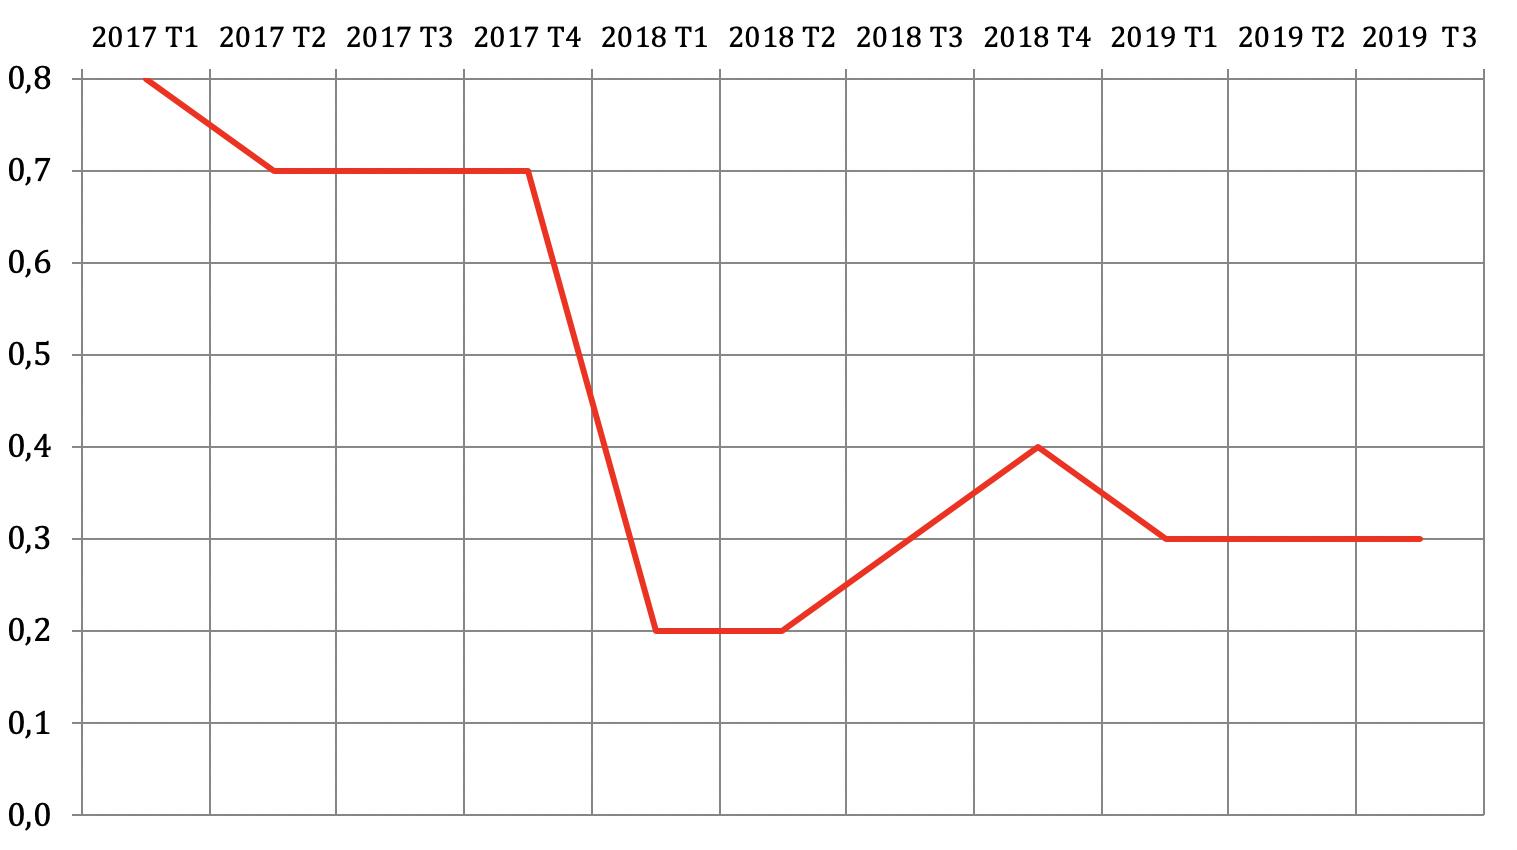 Croissance du PIB d'un trimestre à l'autre